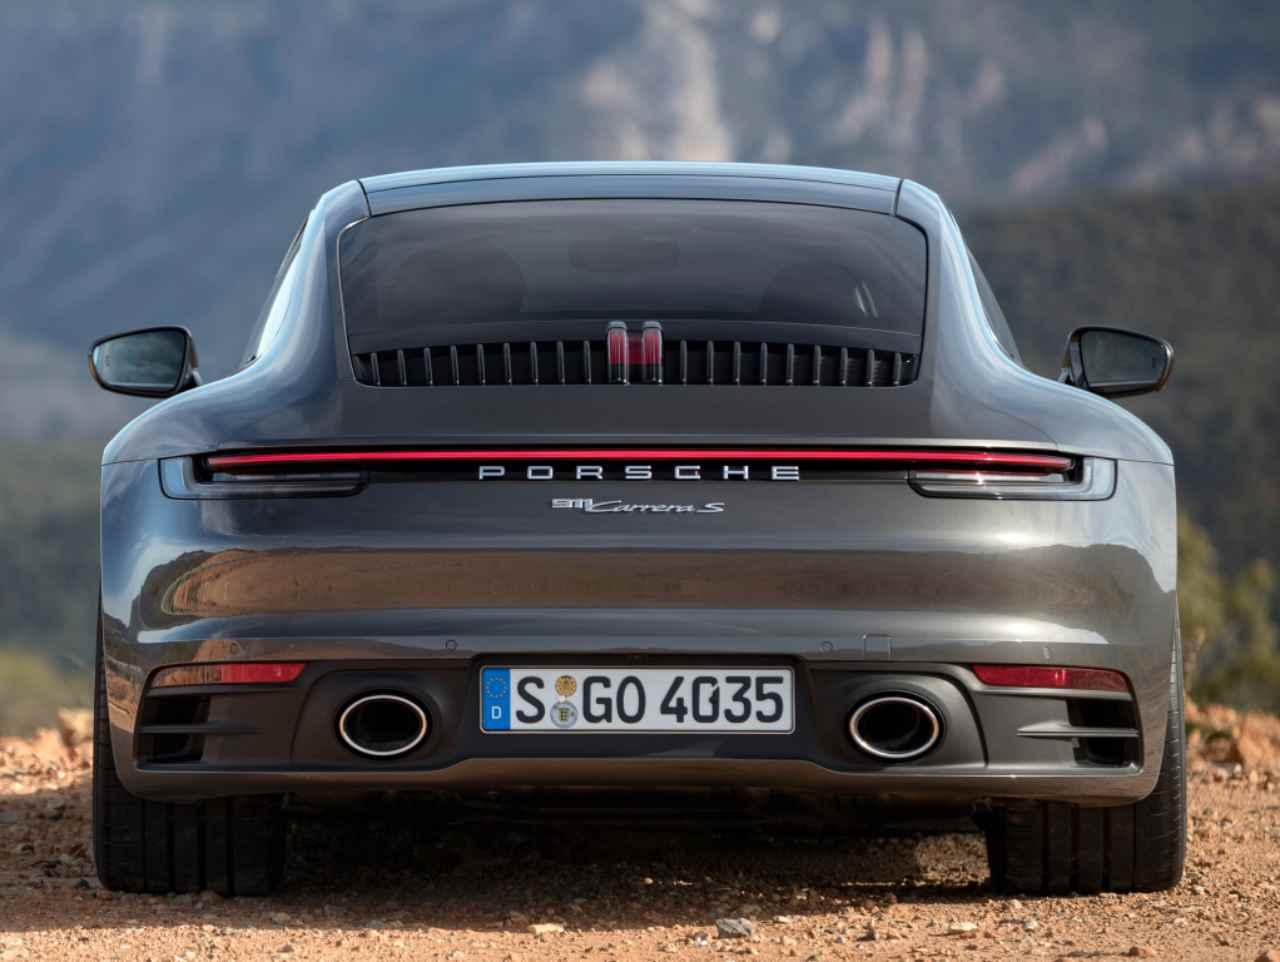 Porsche 911 ibrida